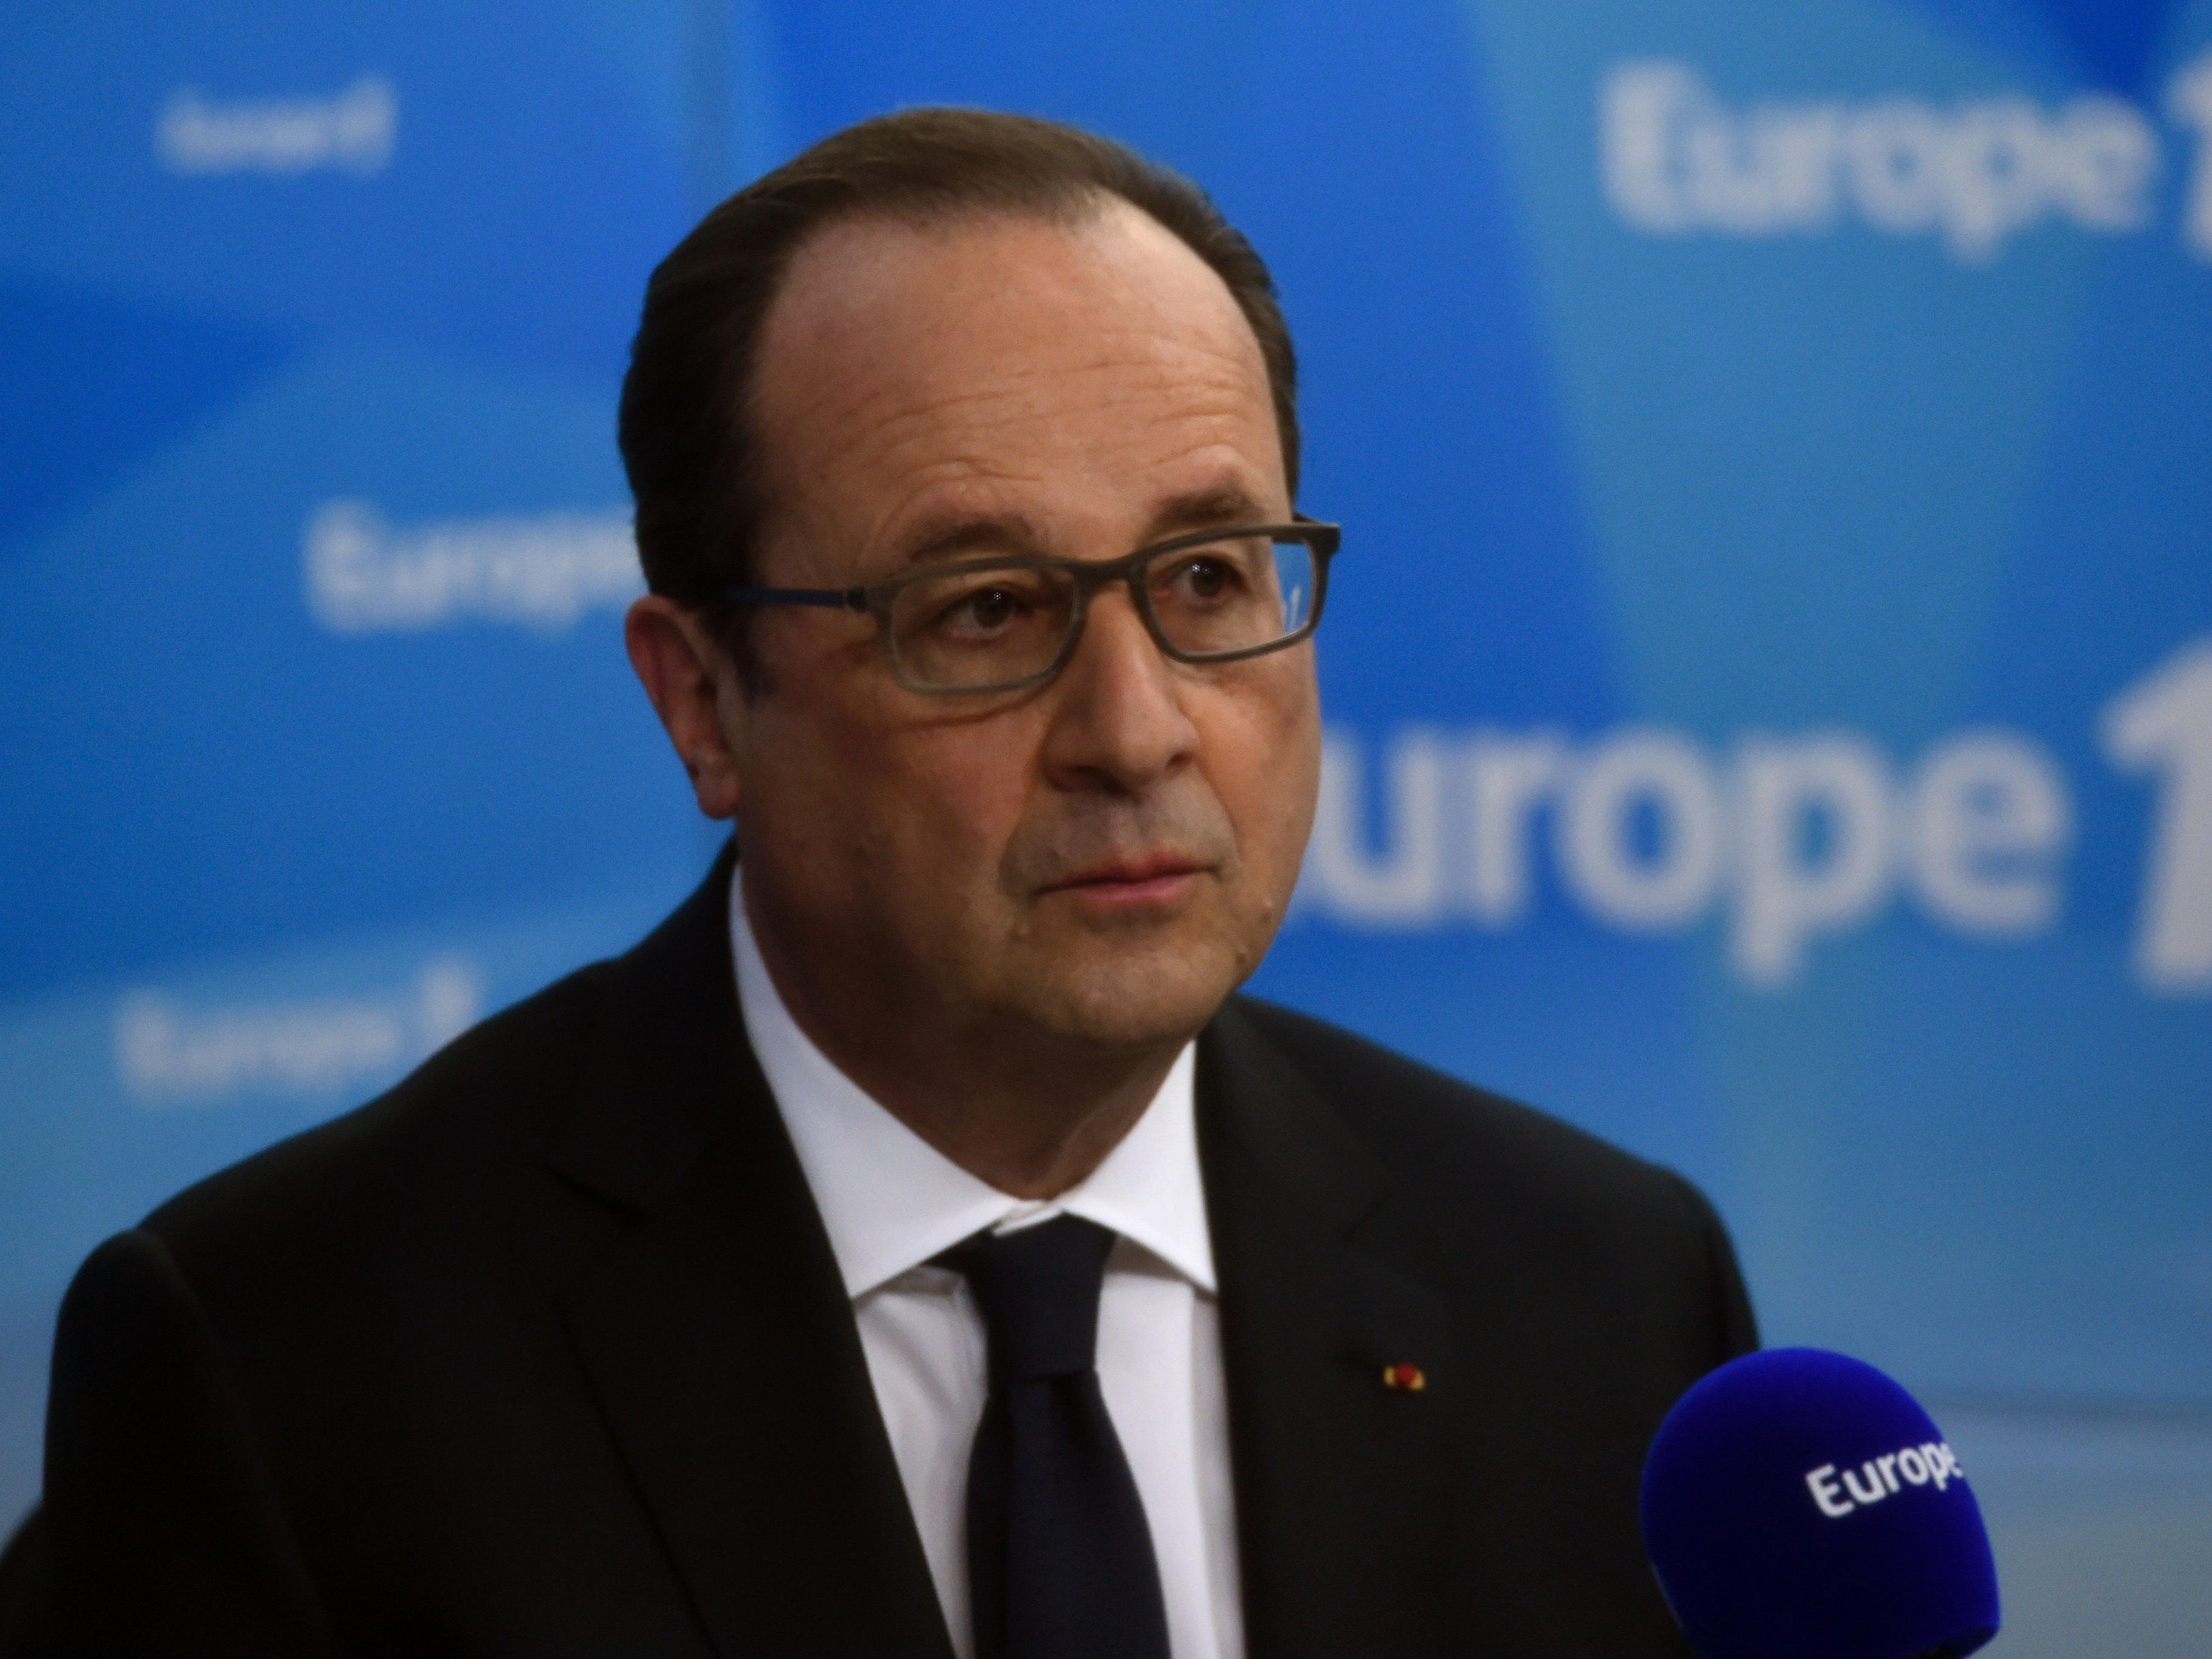 Frankreichs Präsident Francois Holland am Dienstag in einem Interview mit dem Radiosender Europe 1.